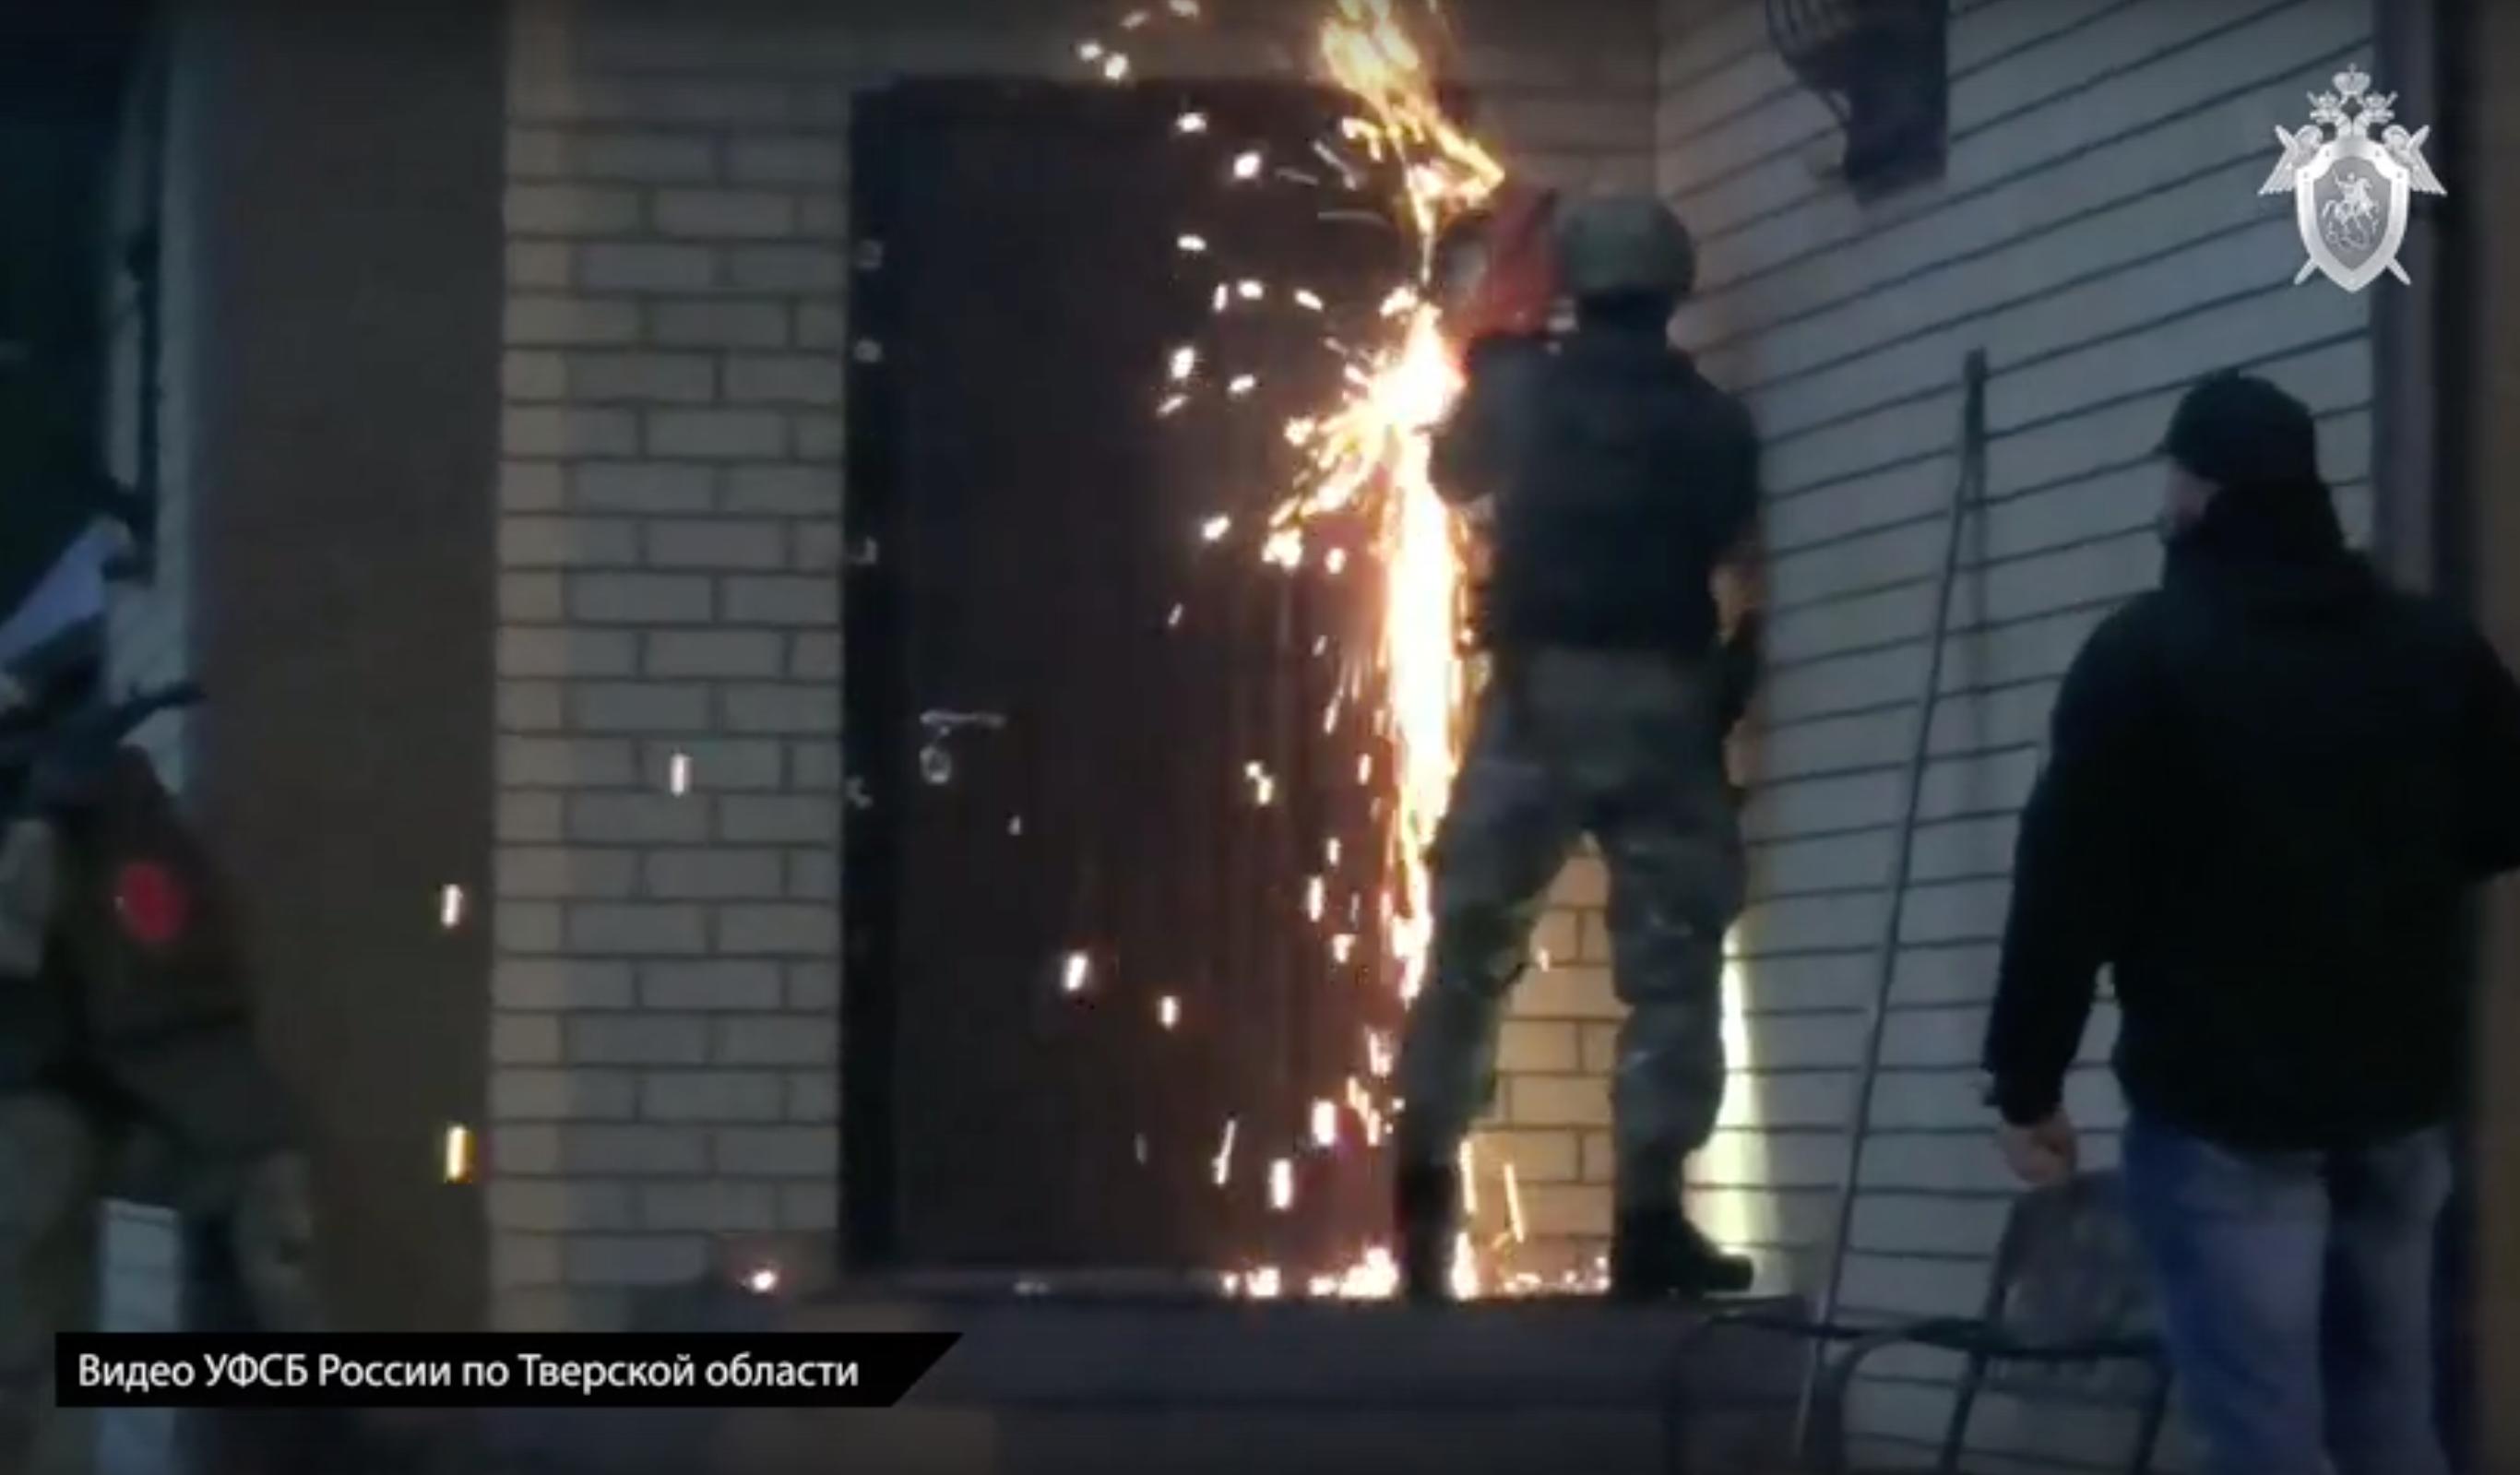 Оперативное видео: спецслужбы штурмом взяли дом подозреваемого в даче взятки в Тверской области